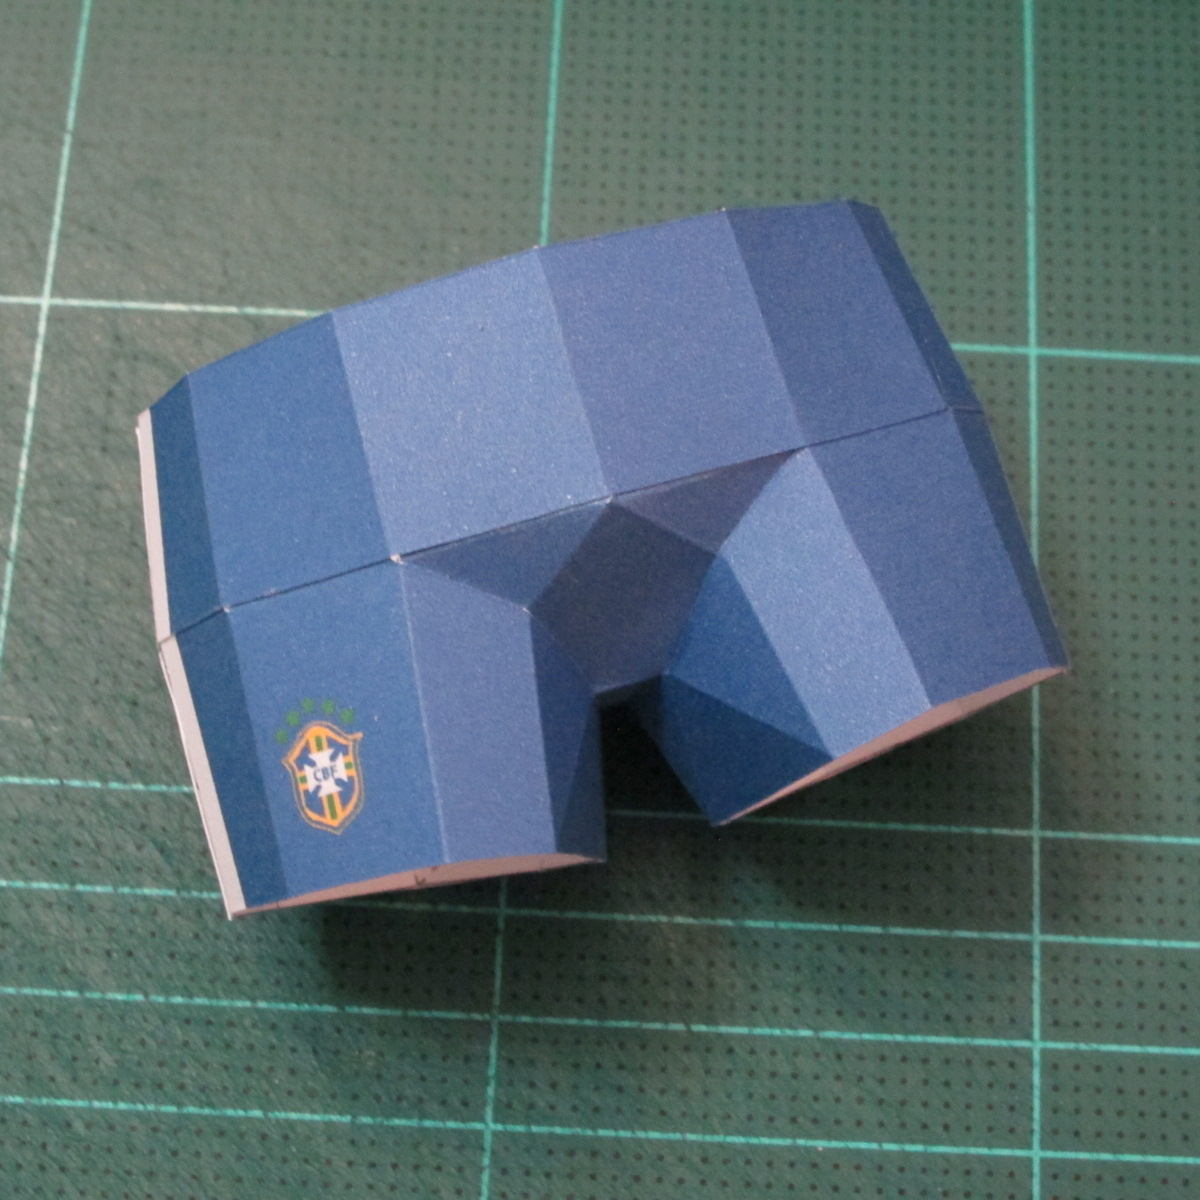 วิธีทำโมเดลกระดาษหมีบราวน์ชุดบอลโลก 2014 ทีมบราซิล (LINE Brown Bear in FIFA World Cup 2014 Brazil Jerseys Papercraft Model) 031